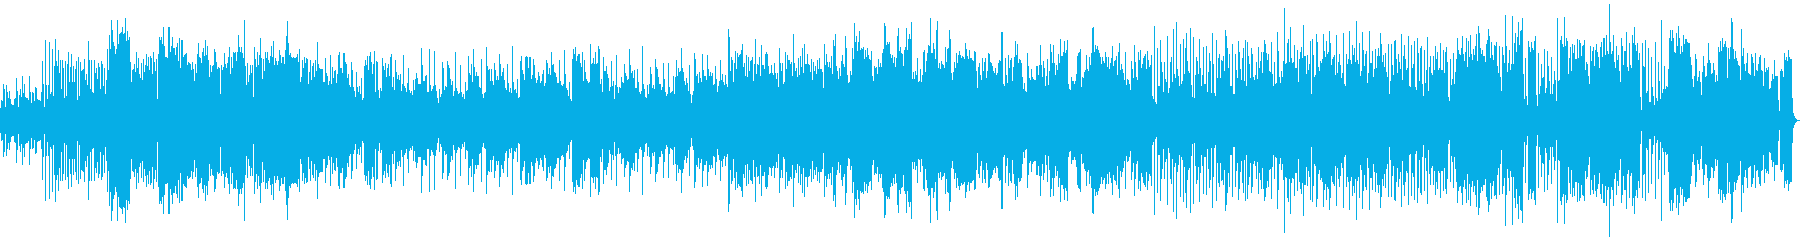 エレピと弦楽器のジャズ風インストの再生済みの波形